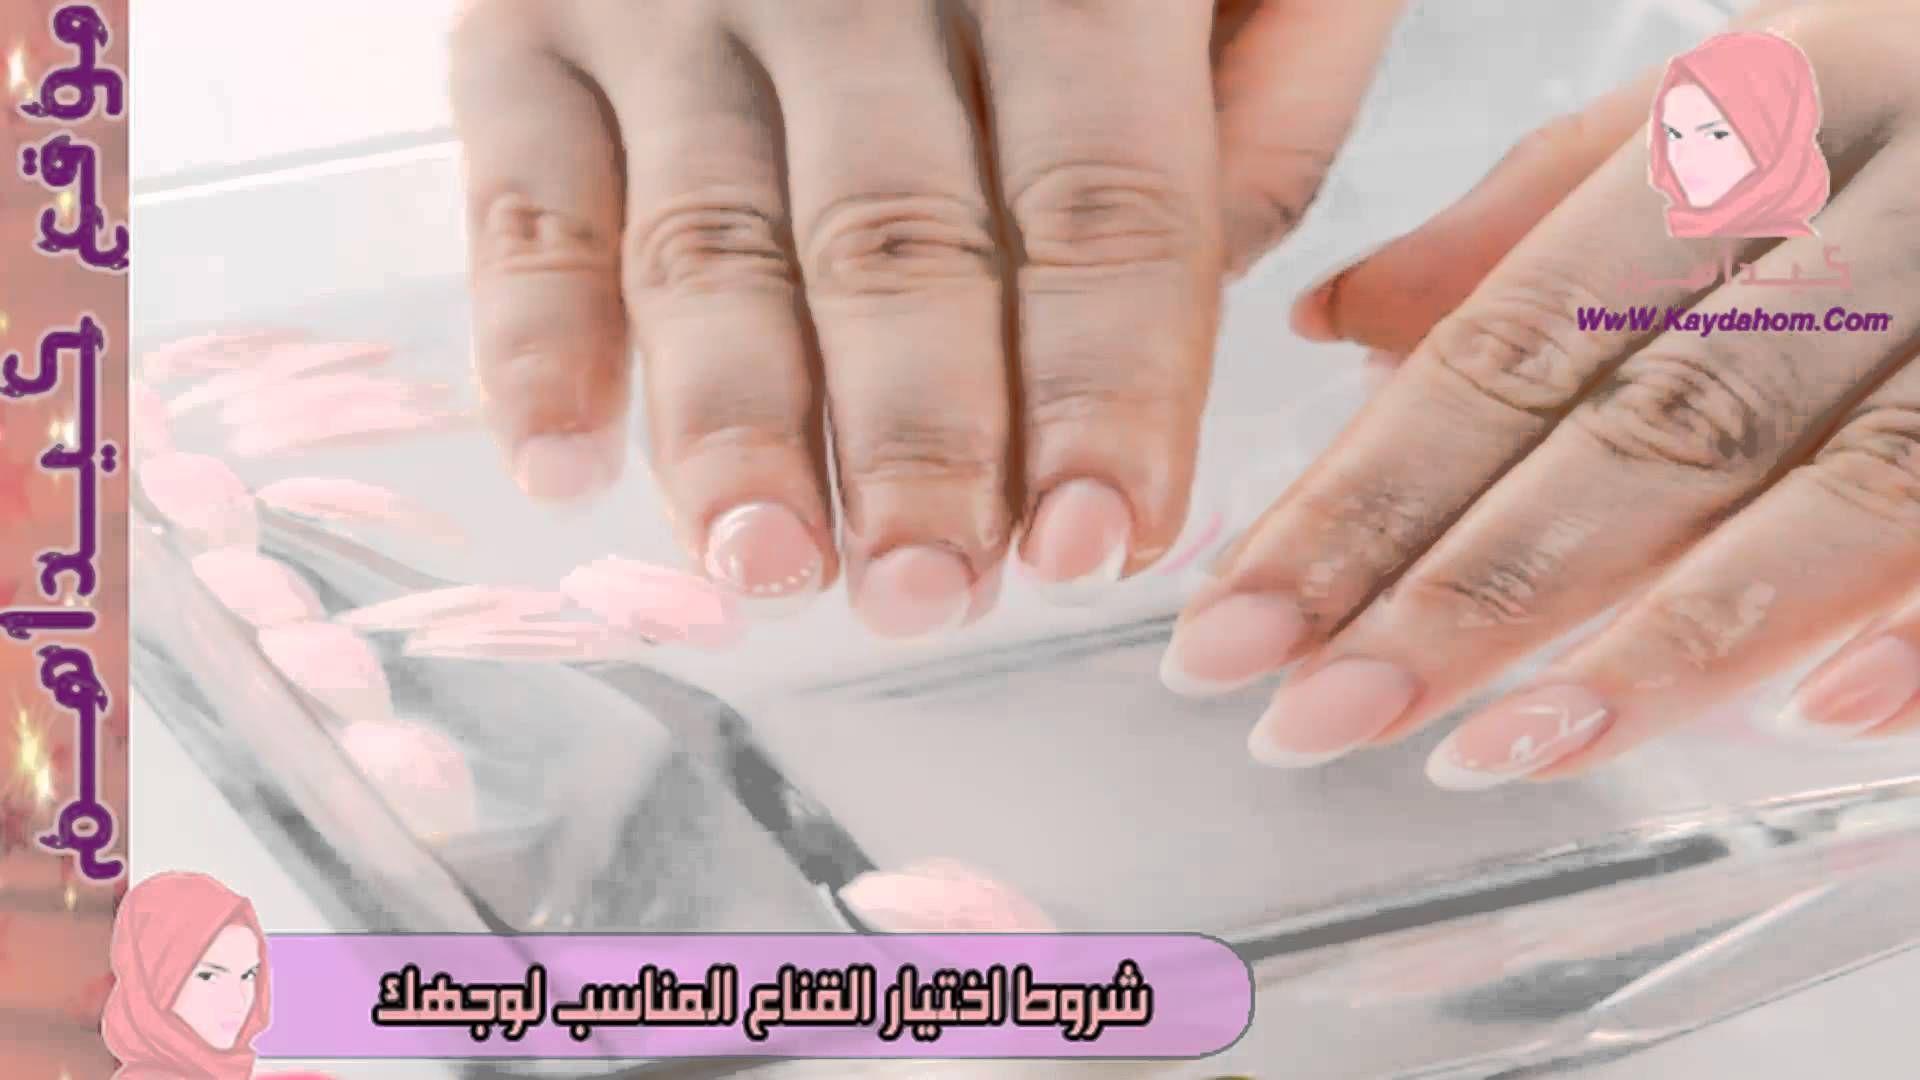 وصفة رهيبة لتبييض اليدين من اول استعمال كيداهم Hd